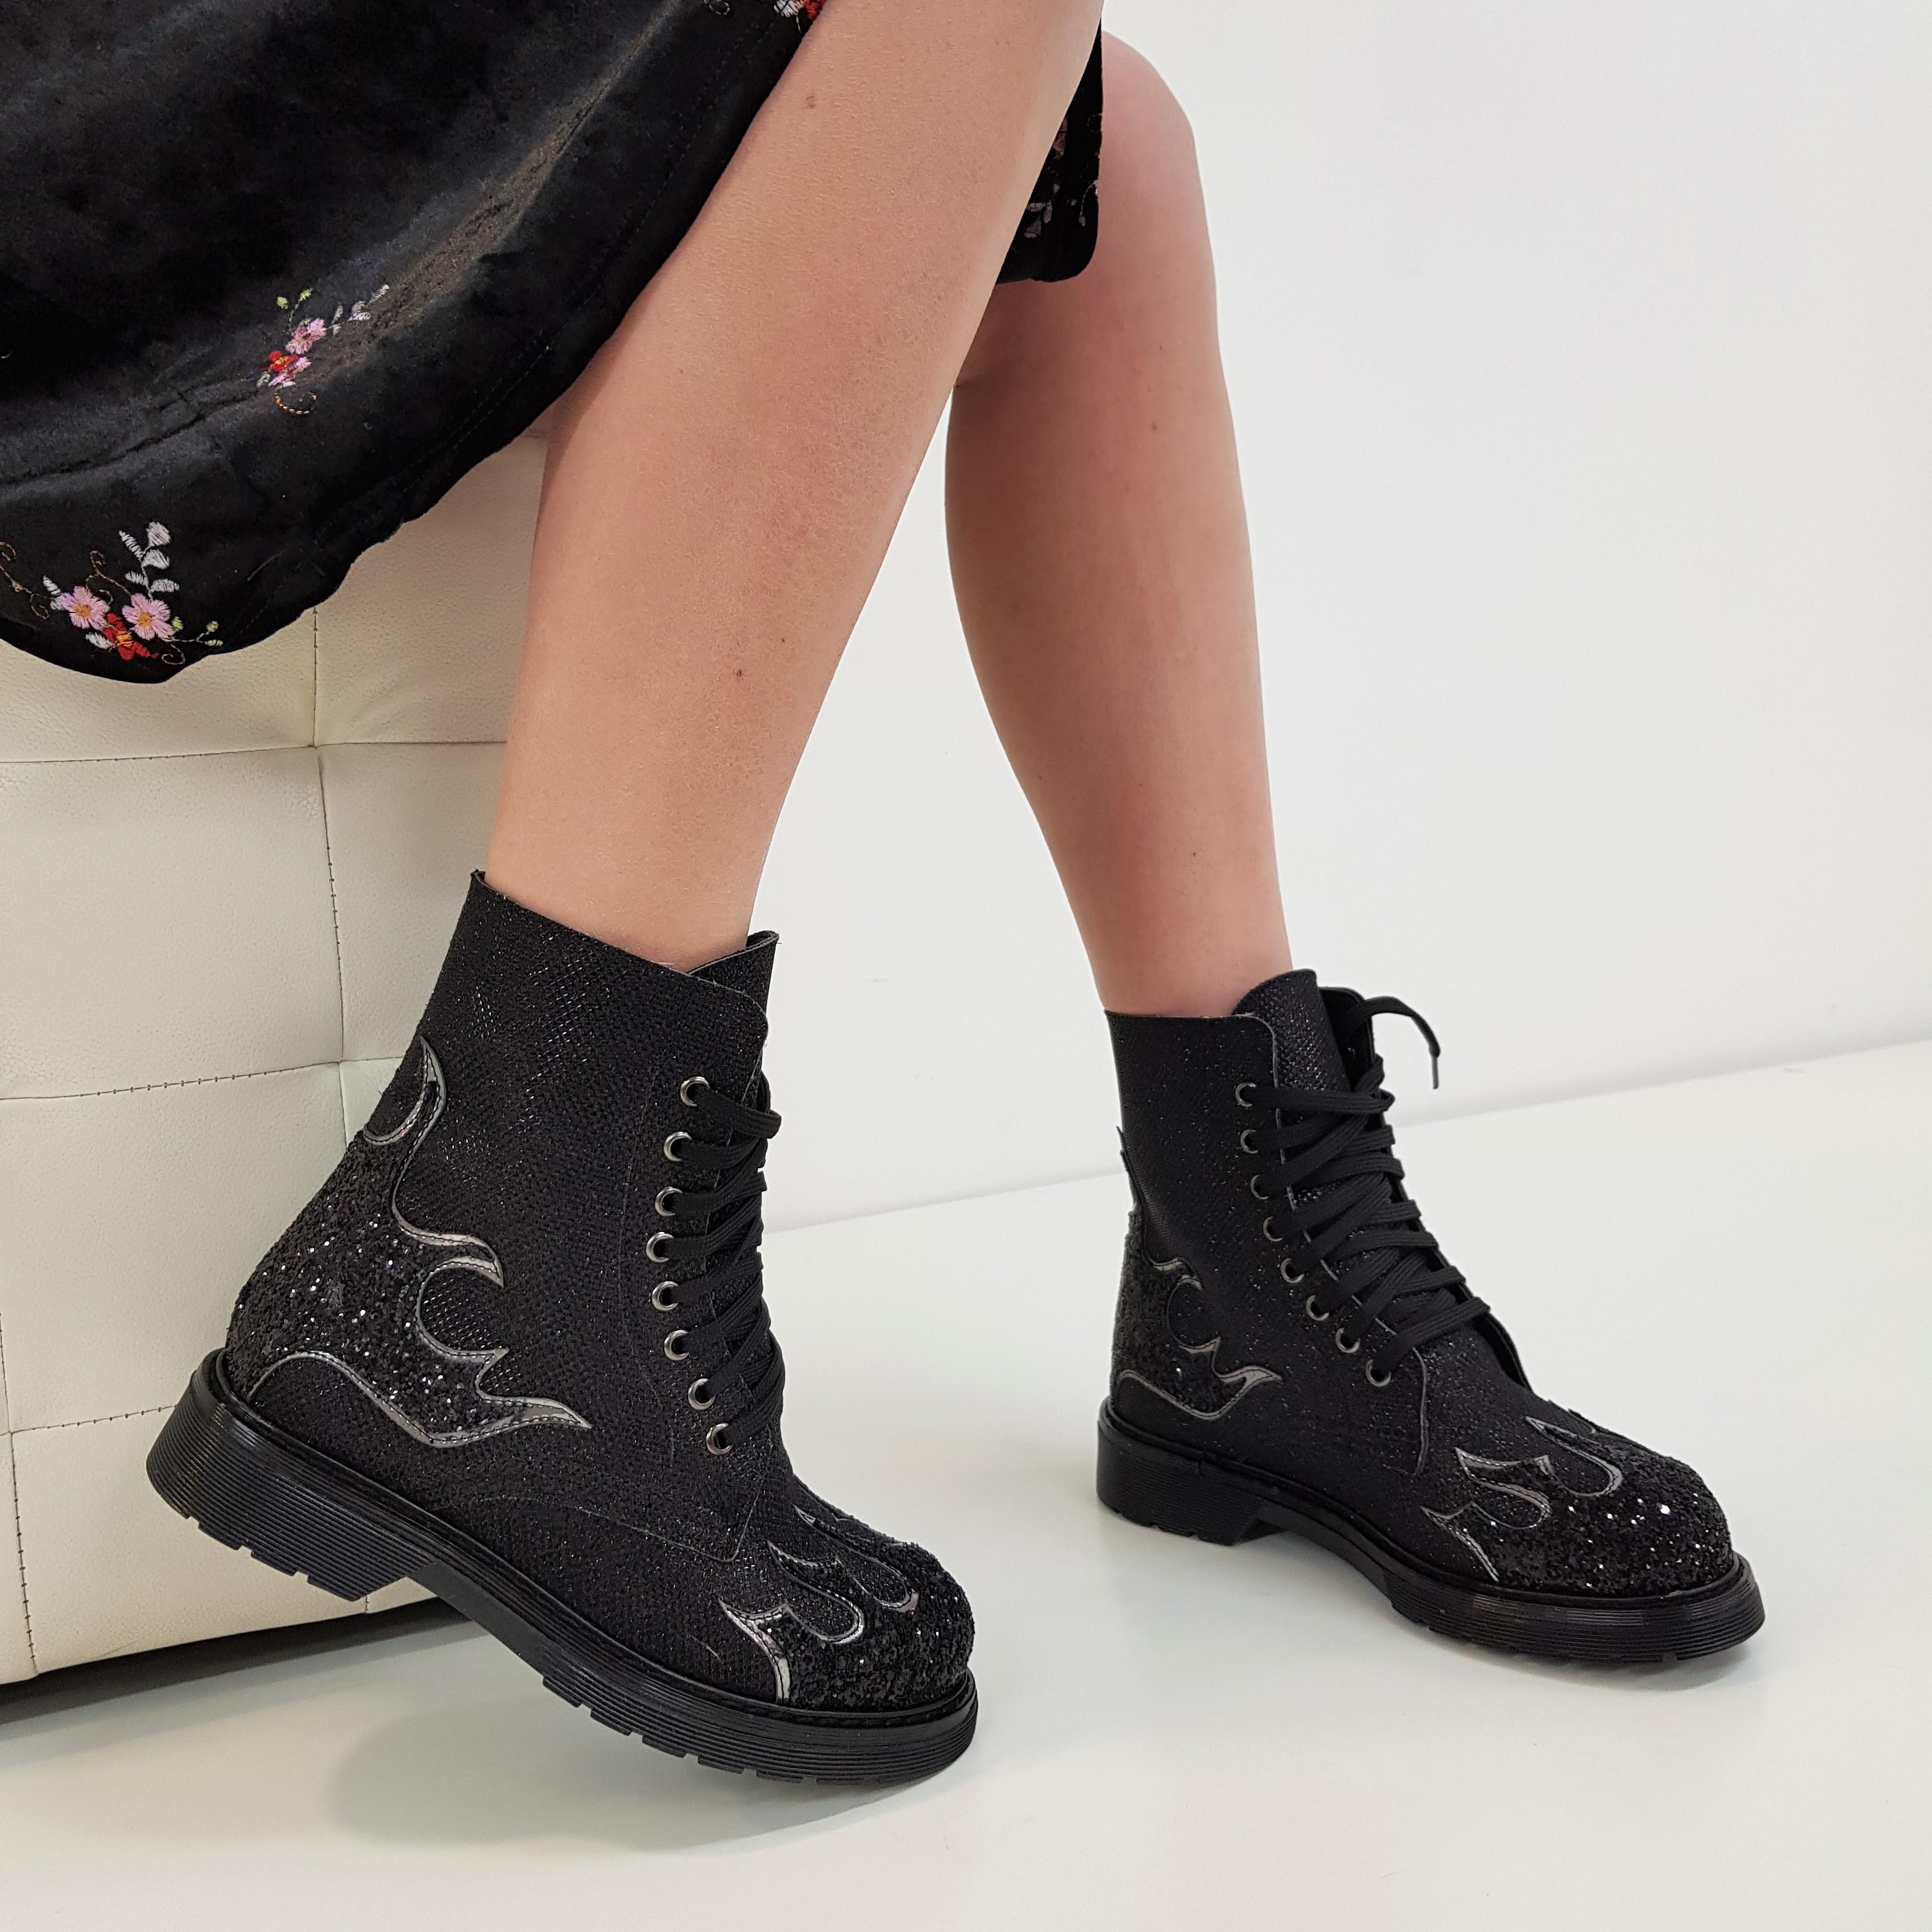 Stivaletti lacci satinato nero e glitter nero flame oxford - Lia diva scarpe ...